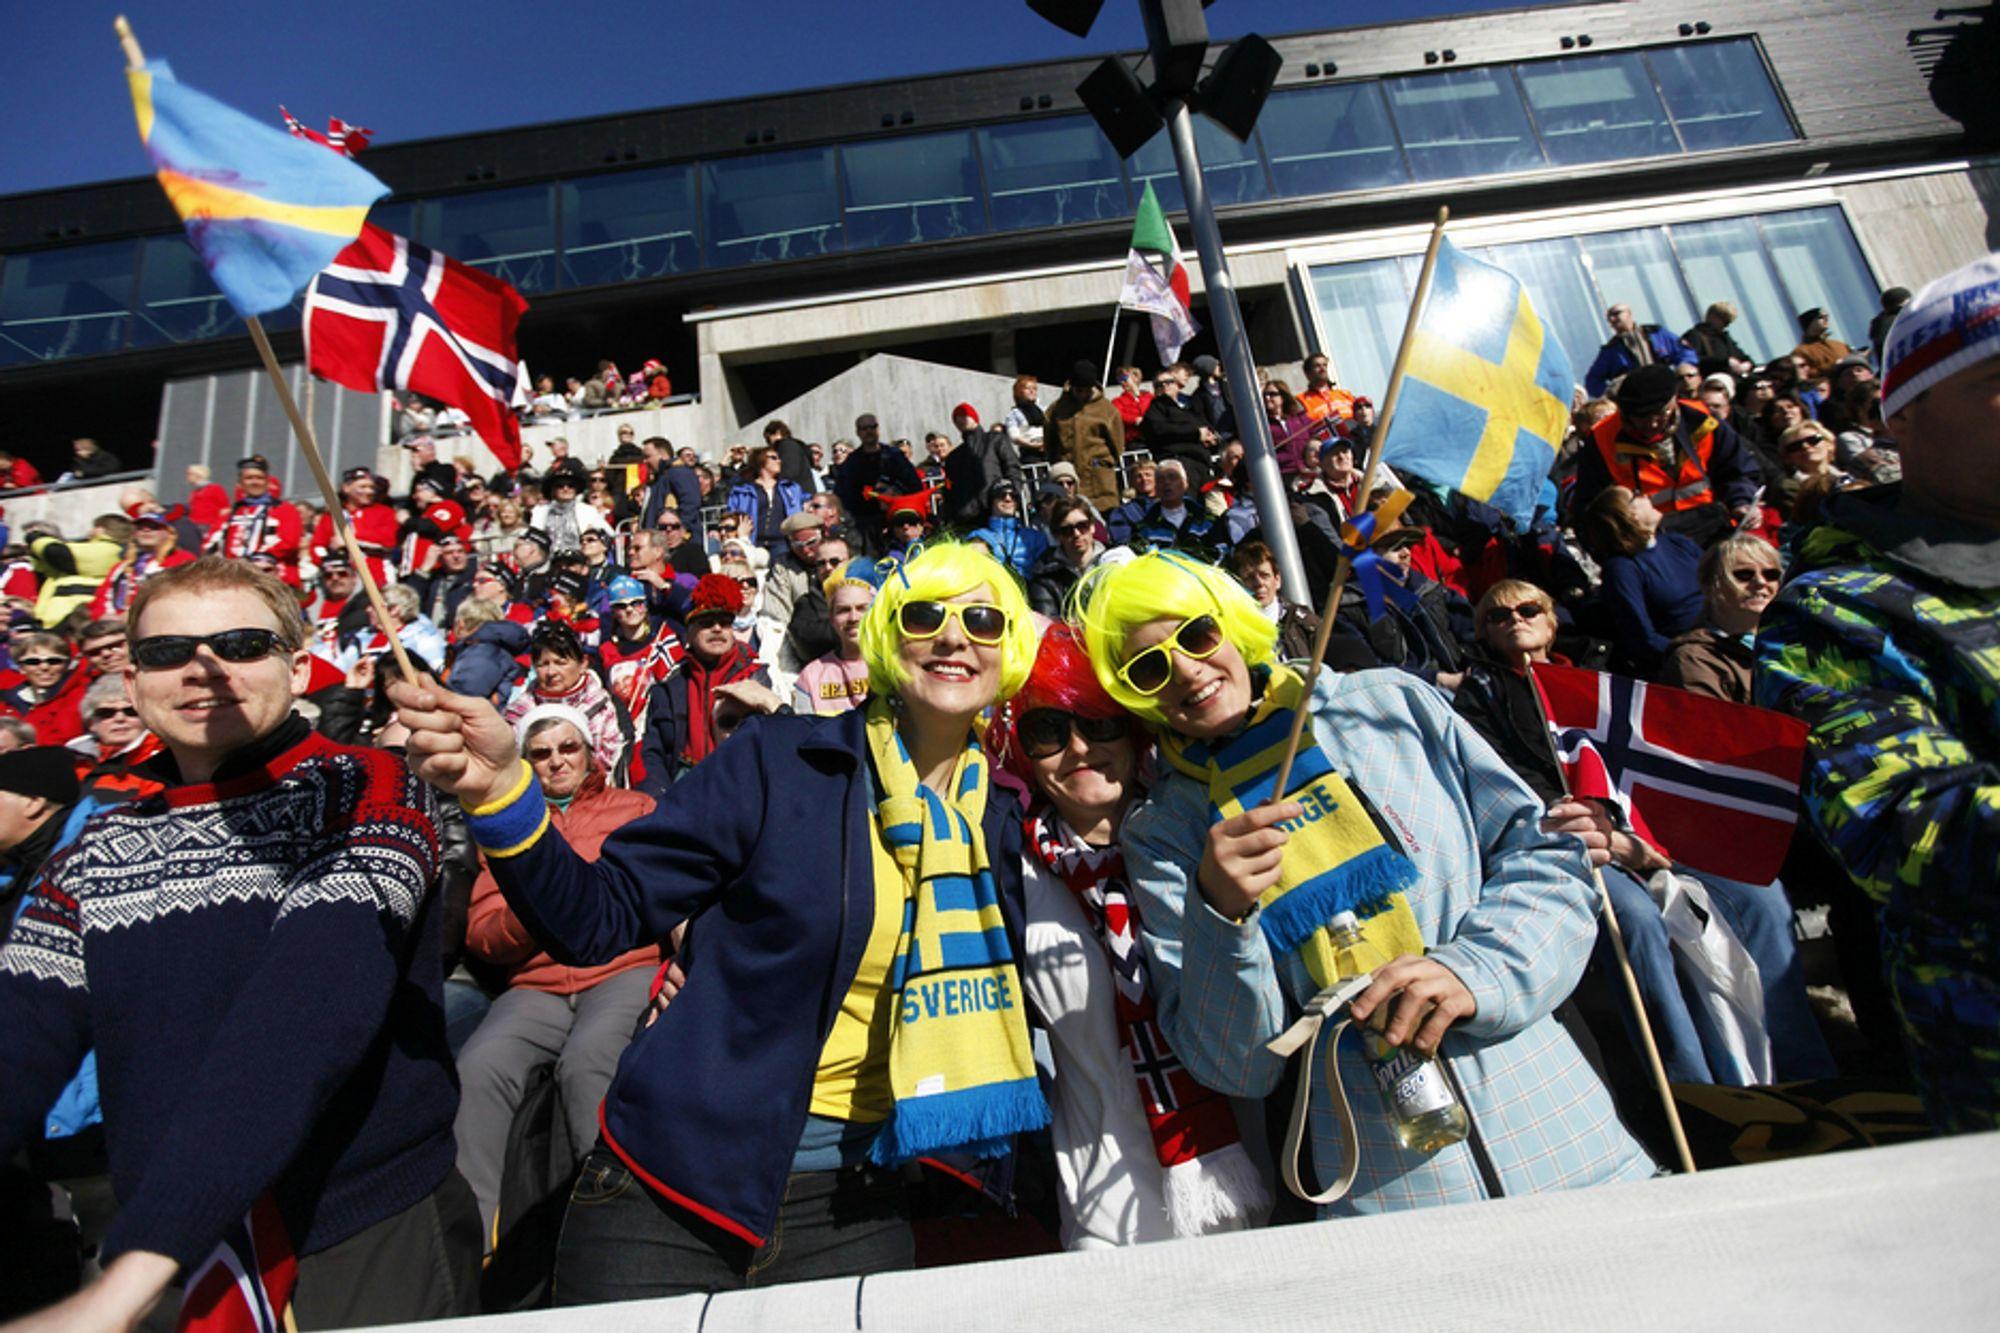 OMRINGET AV NORDMENN: De synes nordmenn er hyggelige, men litt kalde, og planlegger å reise hjem etter kort tid. Men så finner de norske kjærester...